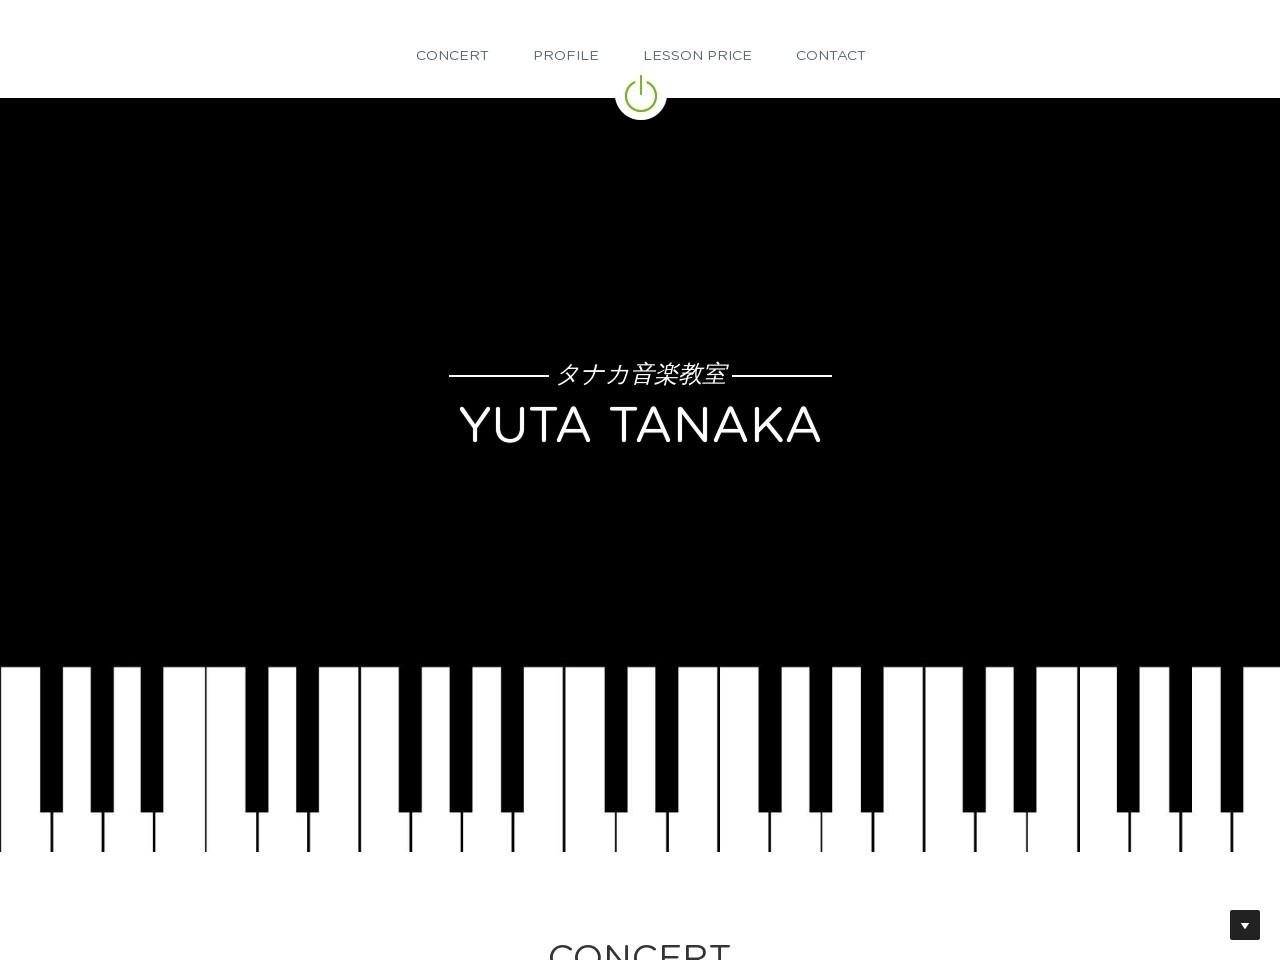 タナカ音楽教室のサムネイル